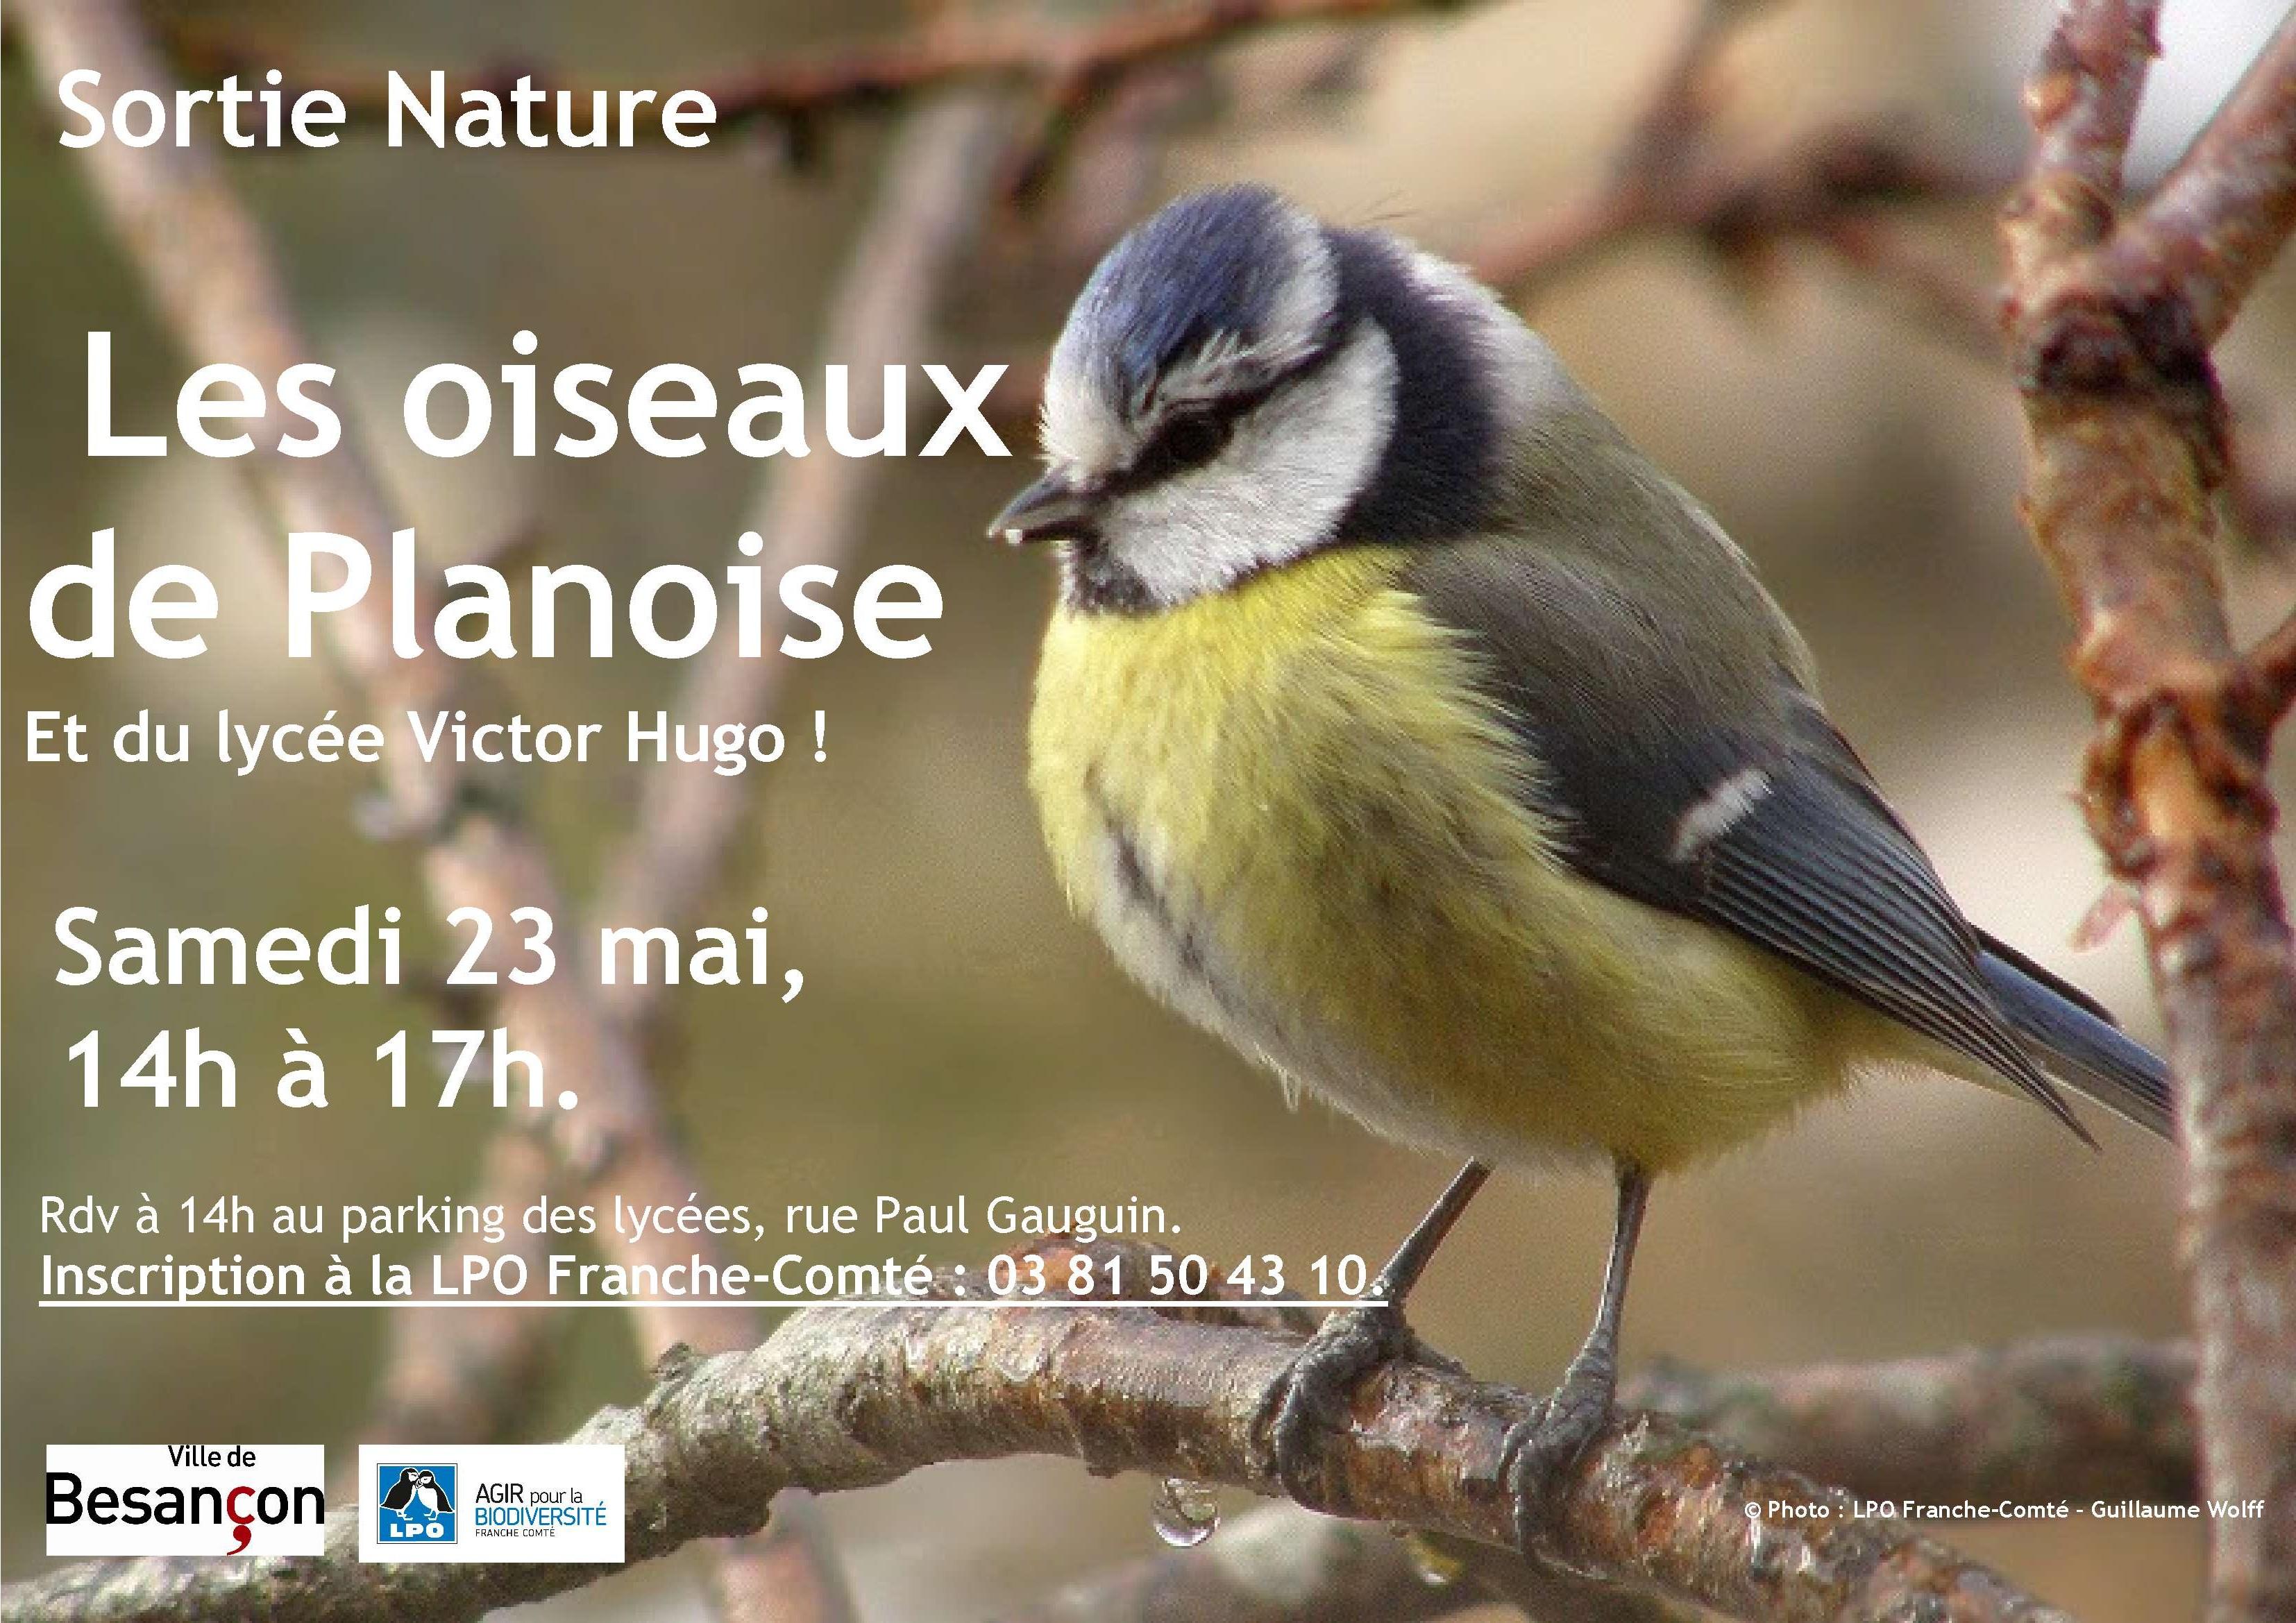 2015 05 23 Les oiseaux de mon quartier Planoise lycee VH